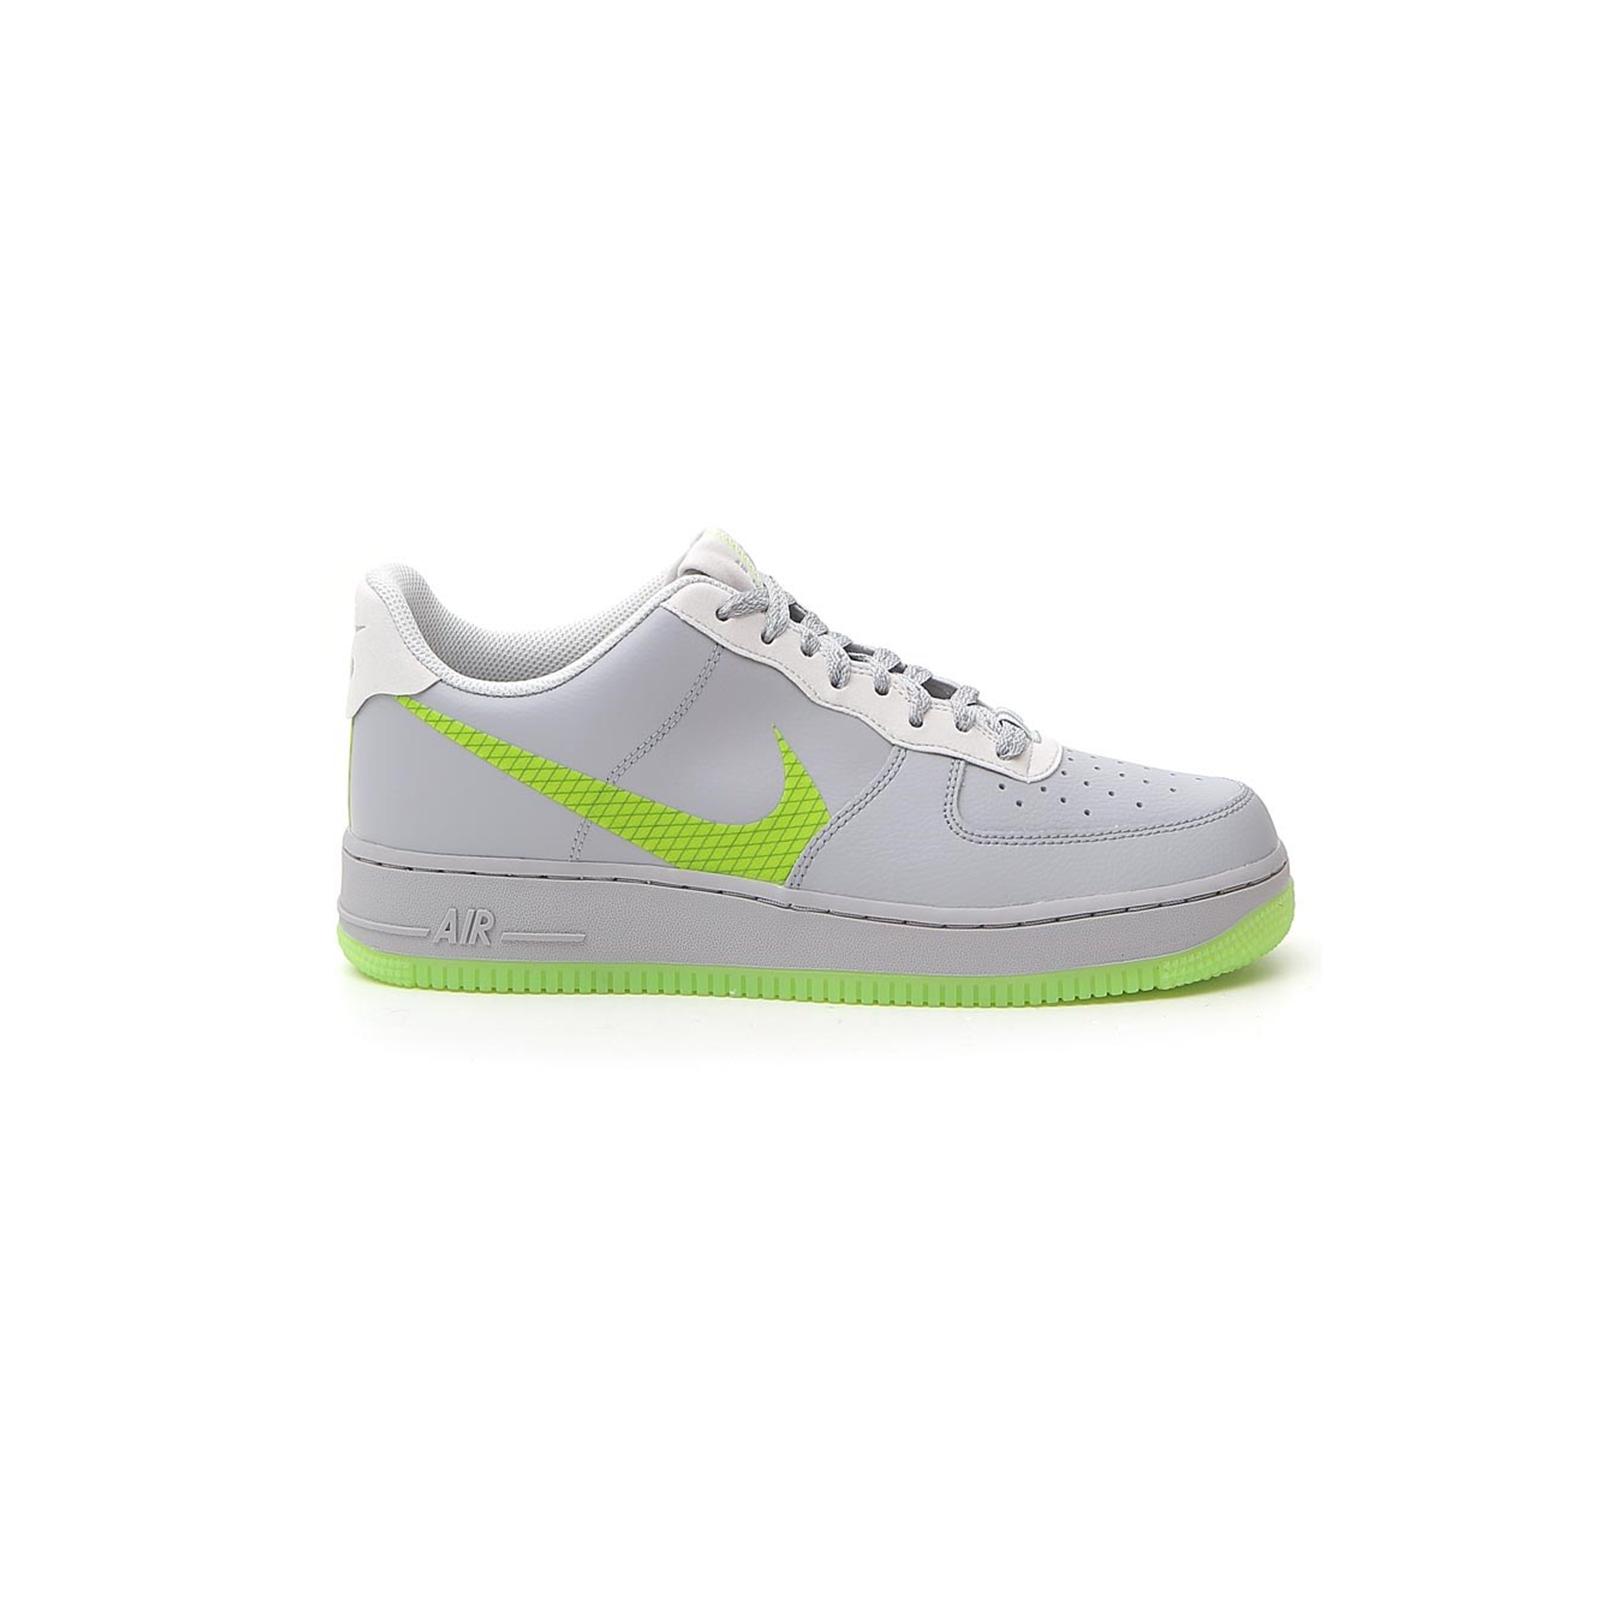 Dettagli su Scarpe scarpette Nike Air Force 1 07 LV8 3 CD0888002 grigioverde listino € 115